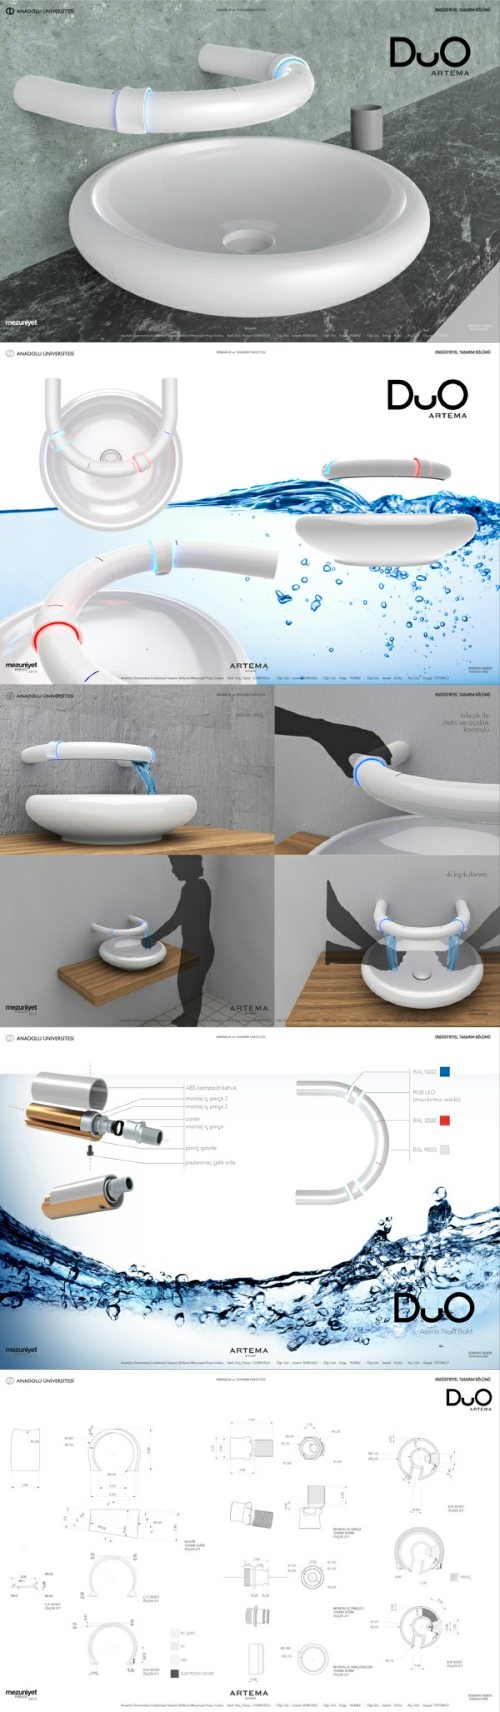 Duo是一款允许两个人同时使用的水龙头 外形为一个半圆型管道 上面套